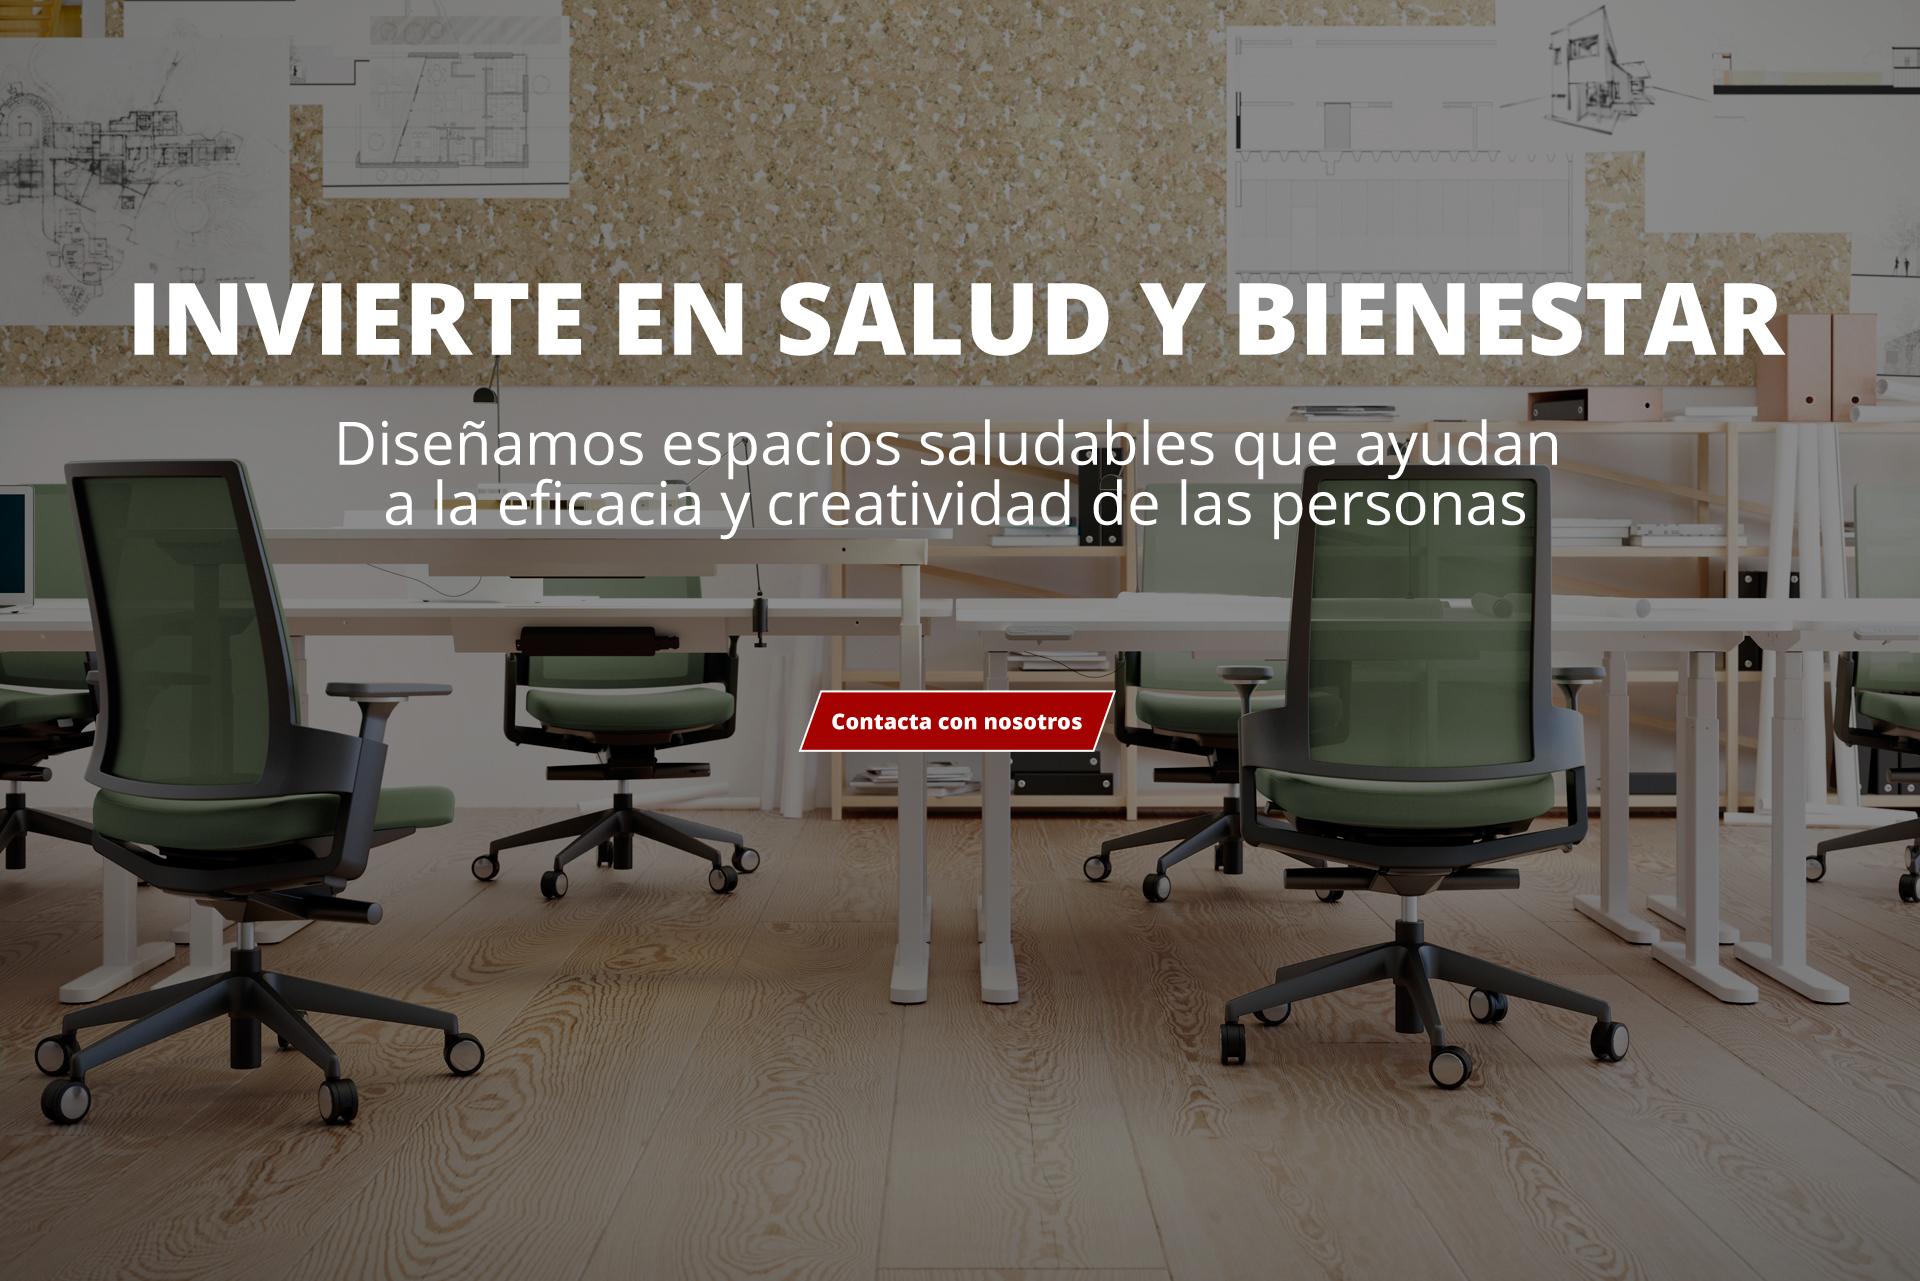 INVIERTE EN SALUD Y BIENESTAR